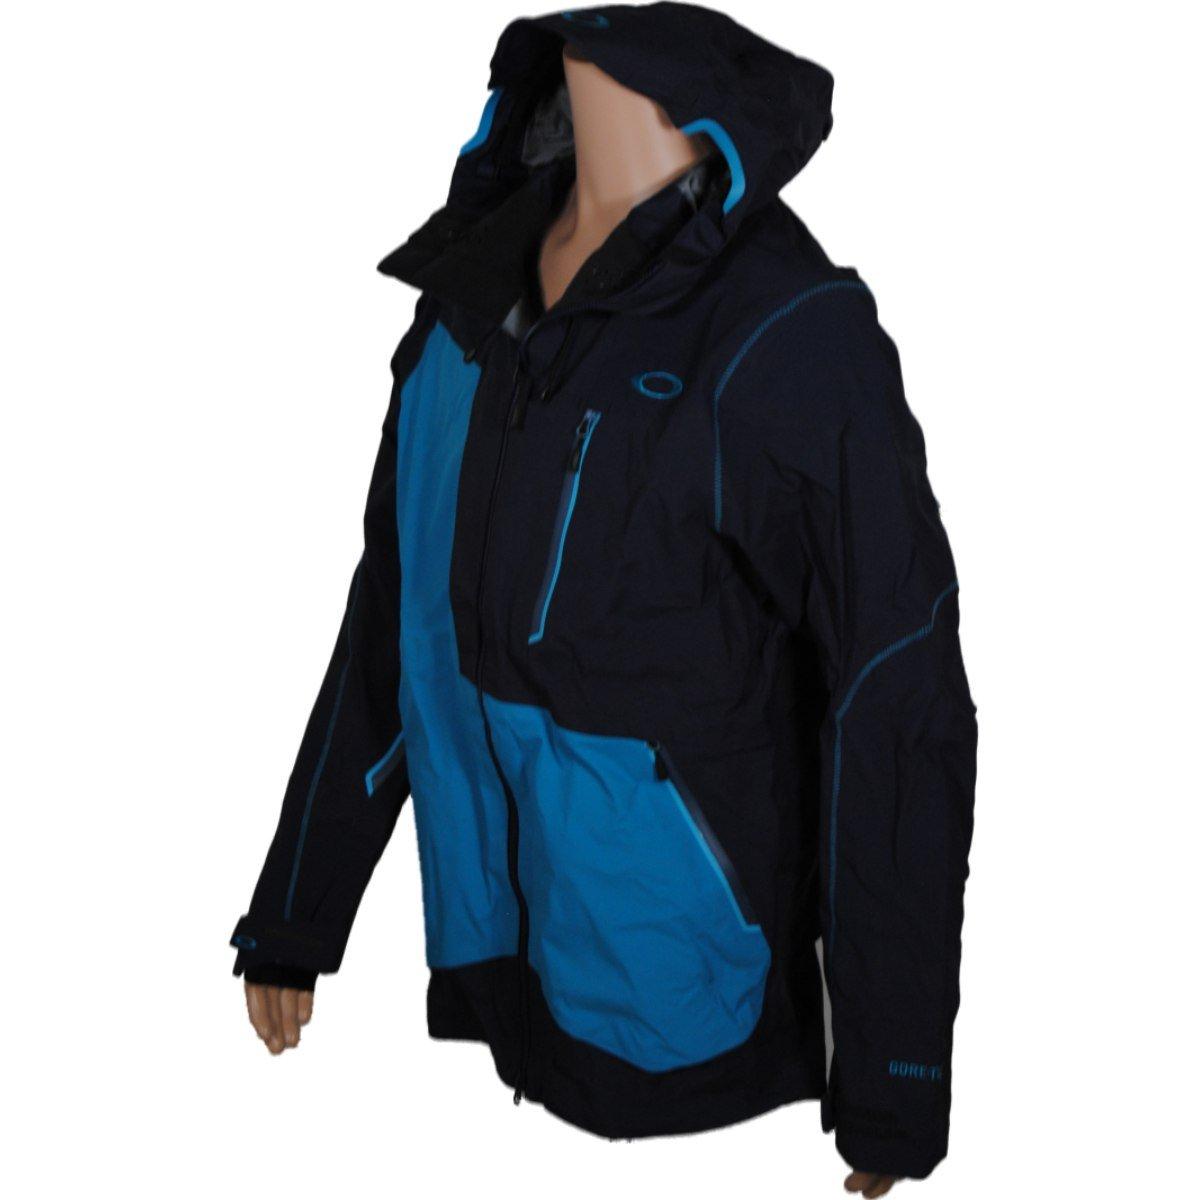 Herren Snowboard Jacke Oakley Beltline Pro Jacket günstig kaufen